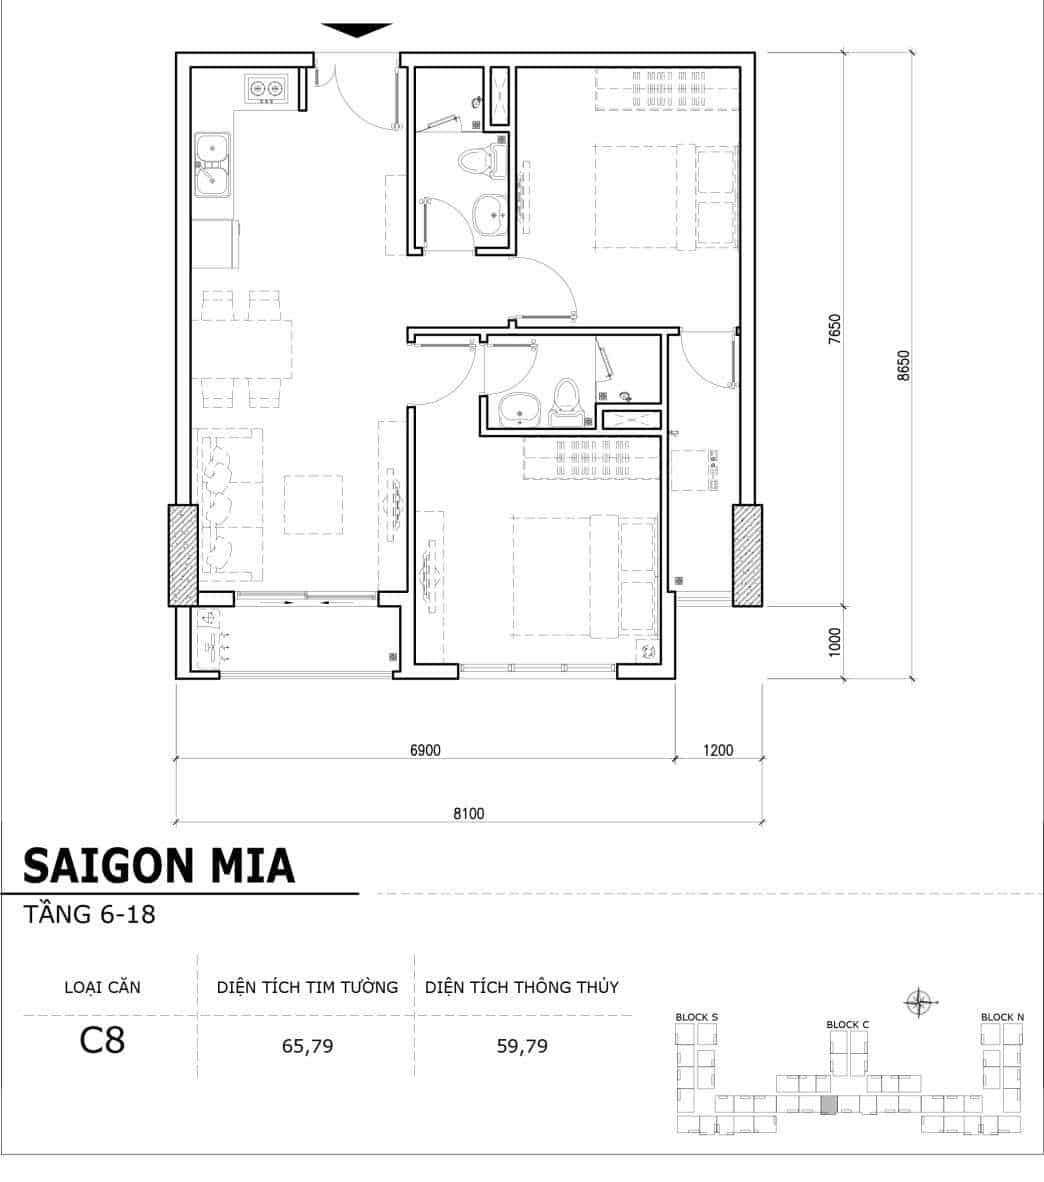 Chi tiết thiết kế căn hộ điển hình tầng 6-18 dự án Sài Gòn Mia - Căn C8